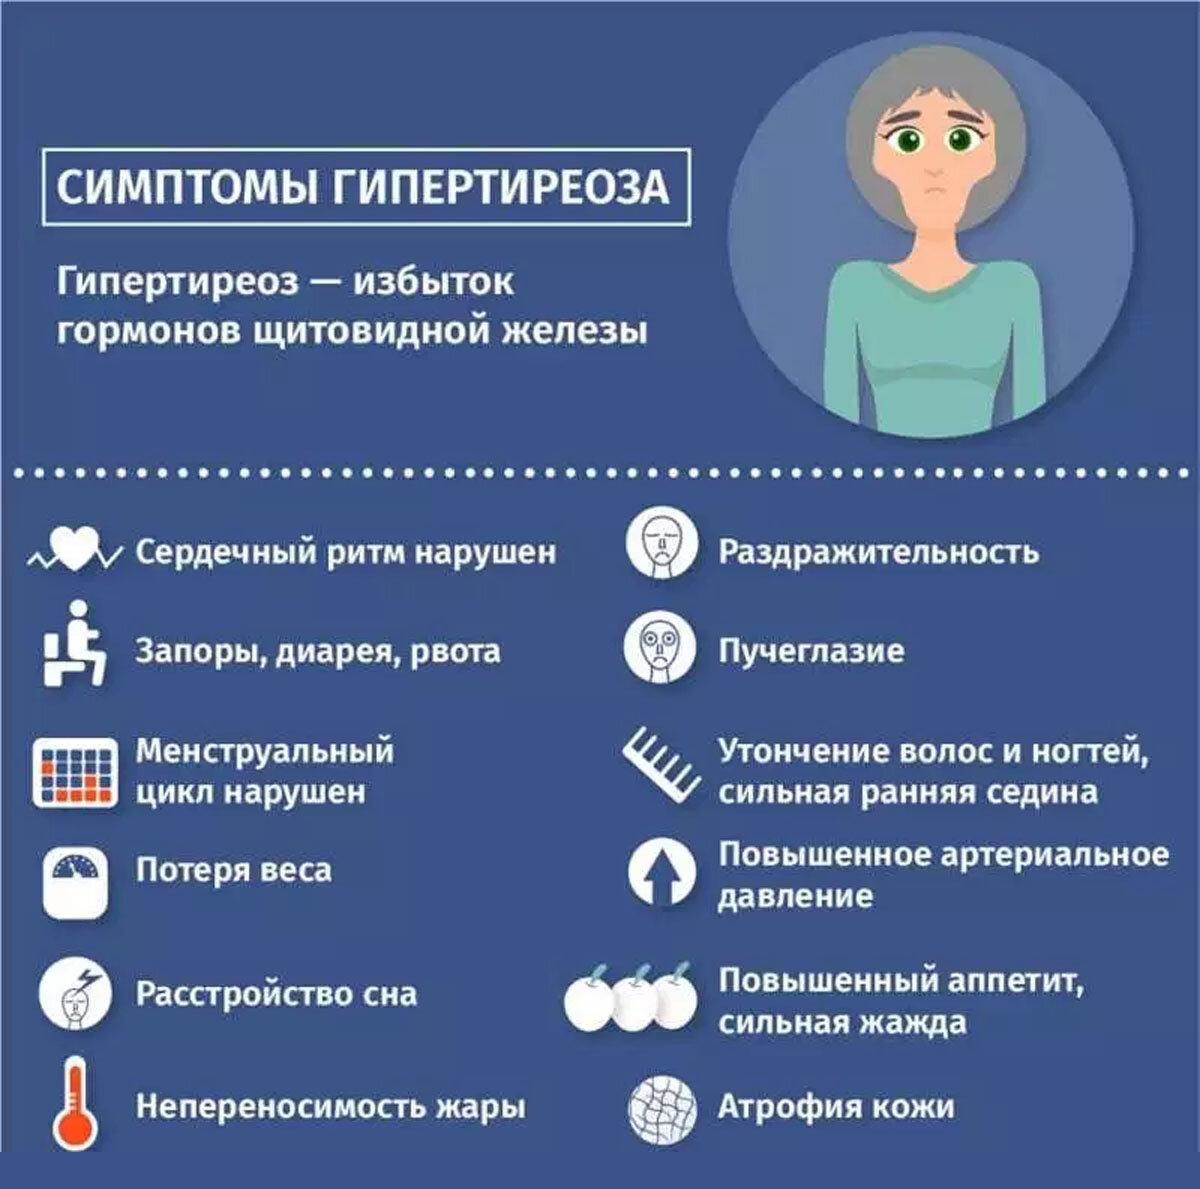 Тиреотоксикоз что это такое симптомы лечение причины